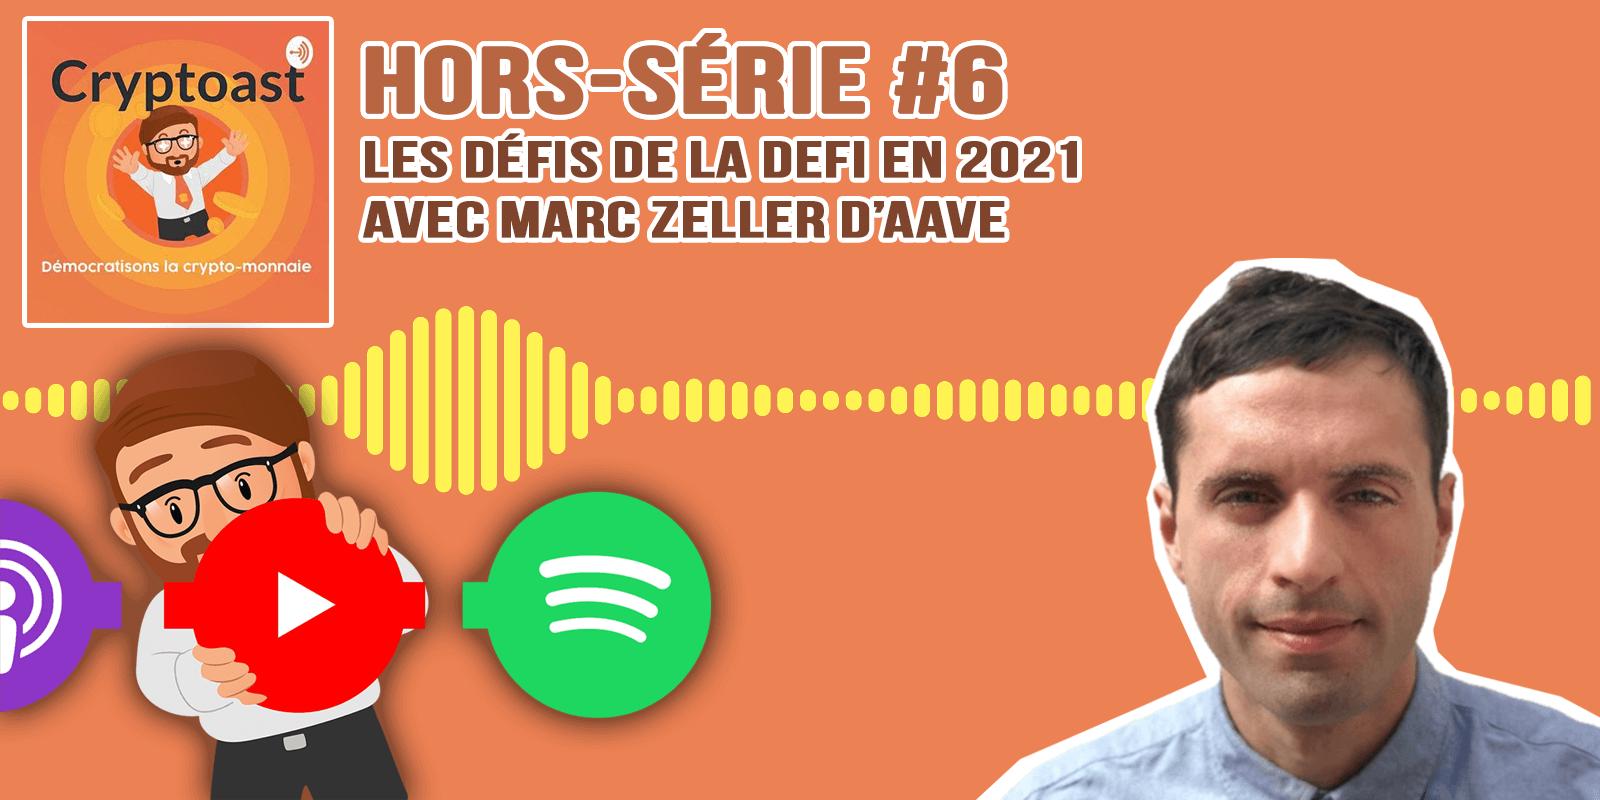 Podcast hors-série #6 - Les défis de la DeFi en 2021, avec Marc Zeller d'Aave